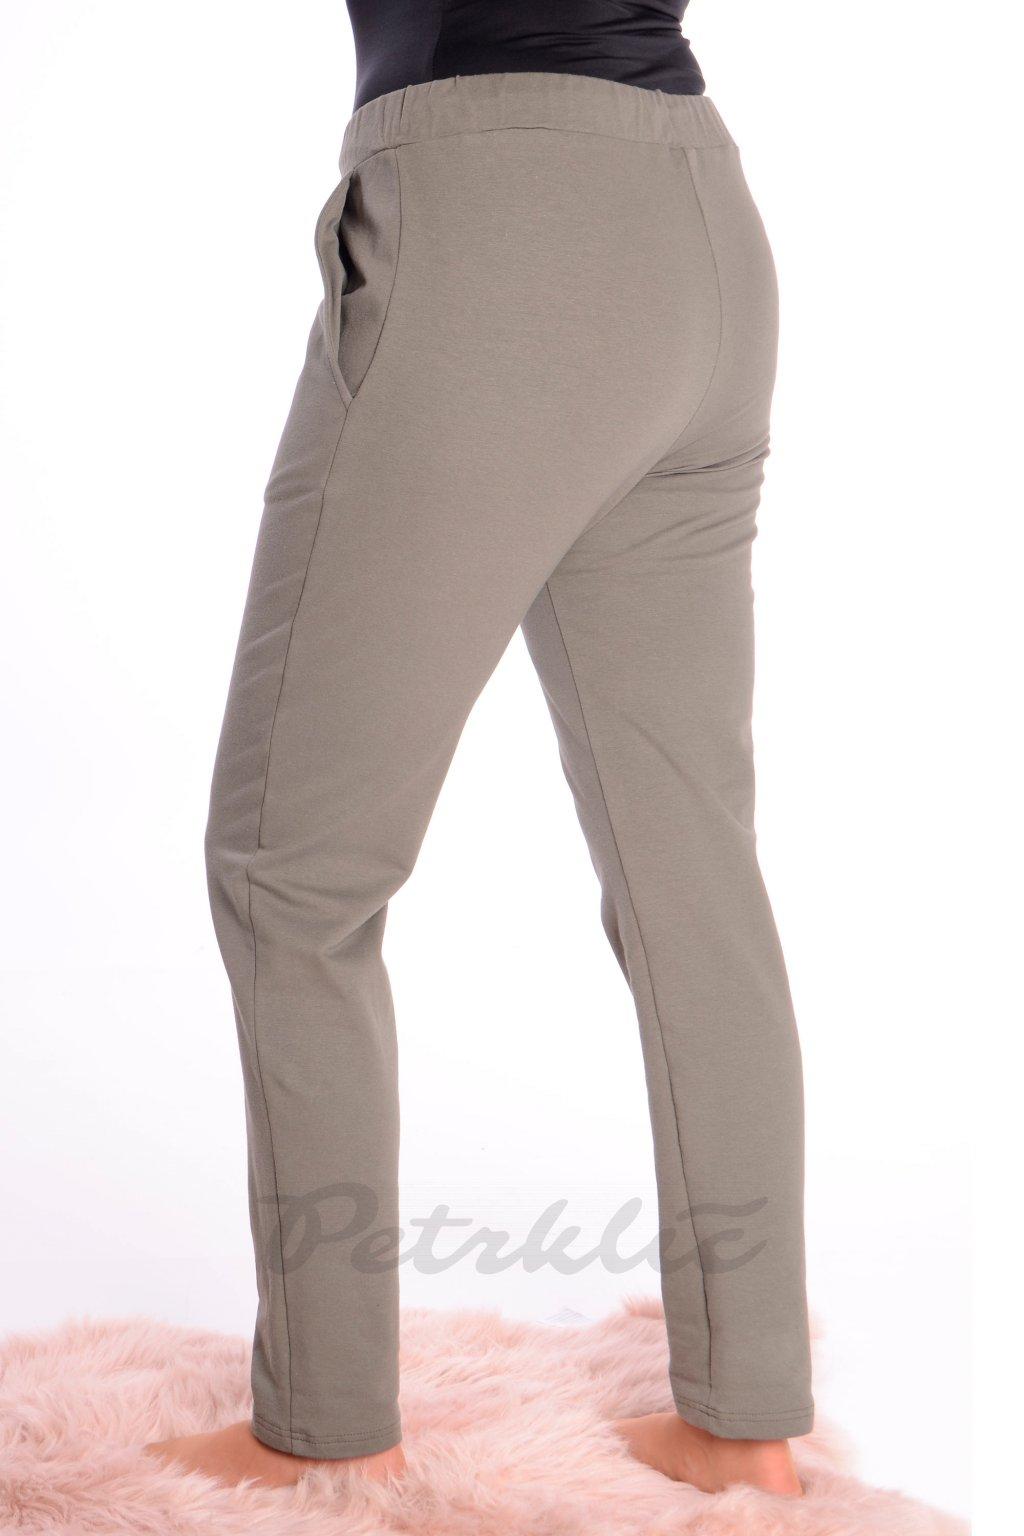 0521 Kalhoty comfort o218 khaki (1) web4